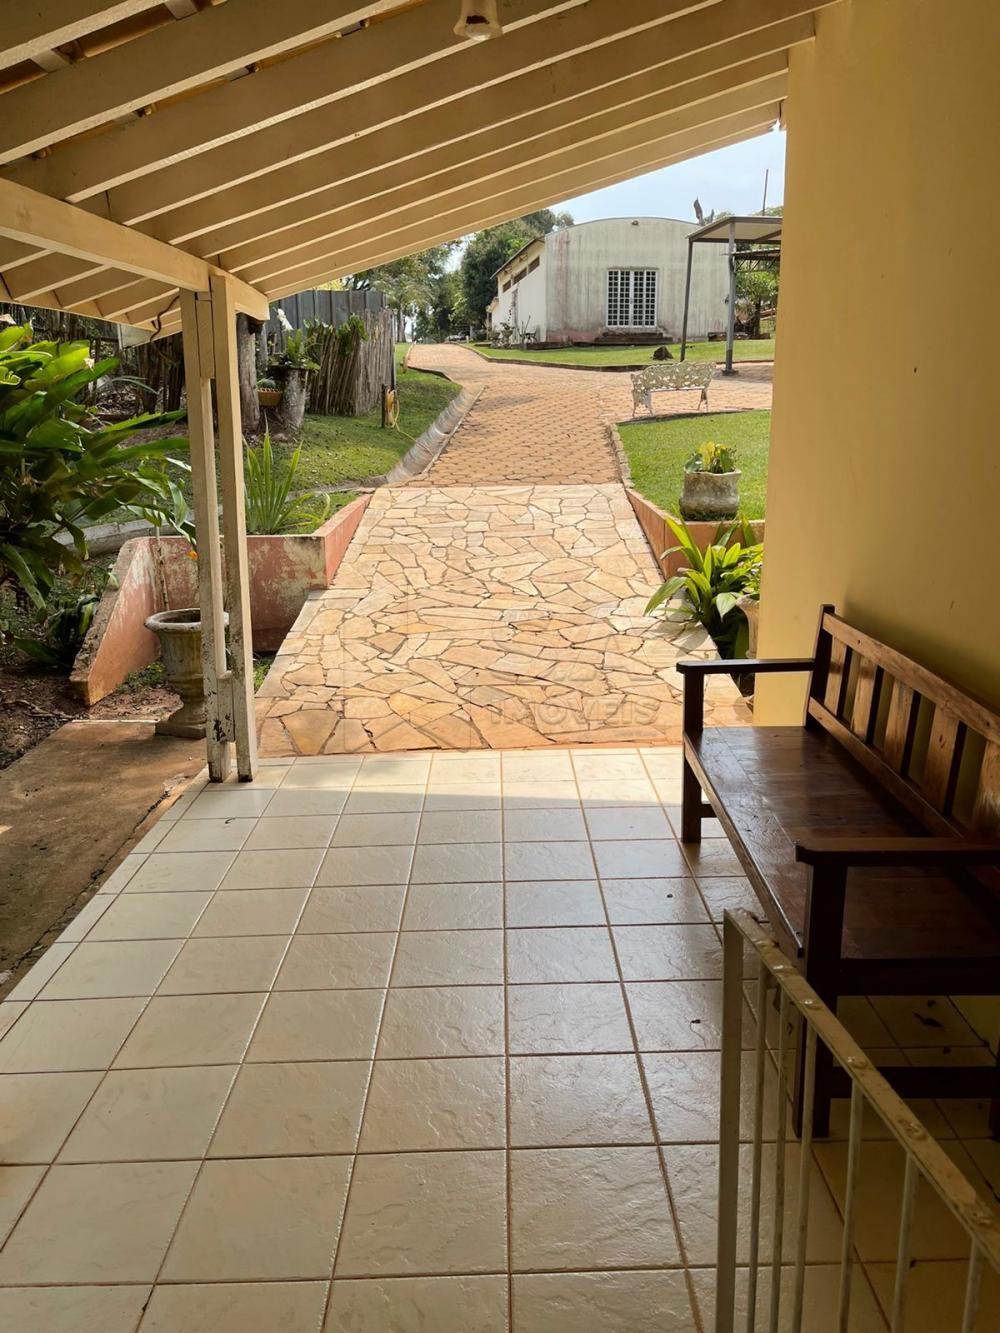 Comprar Casa / Padrão em Itaí R$ 650.000,00 - Foto 37